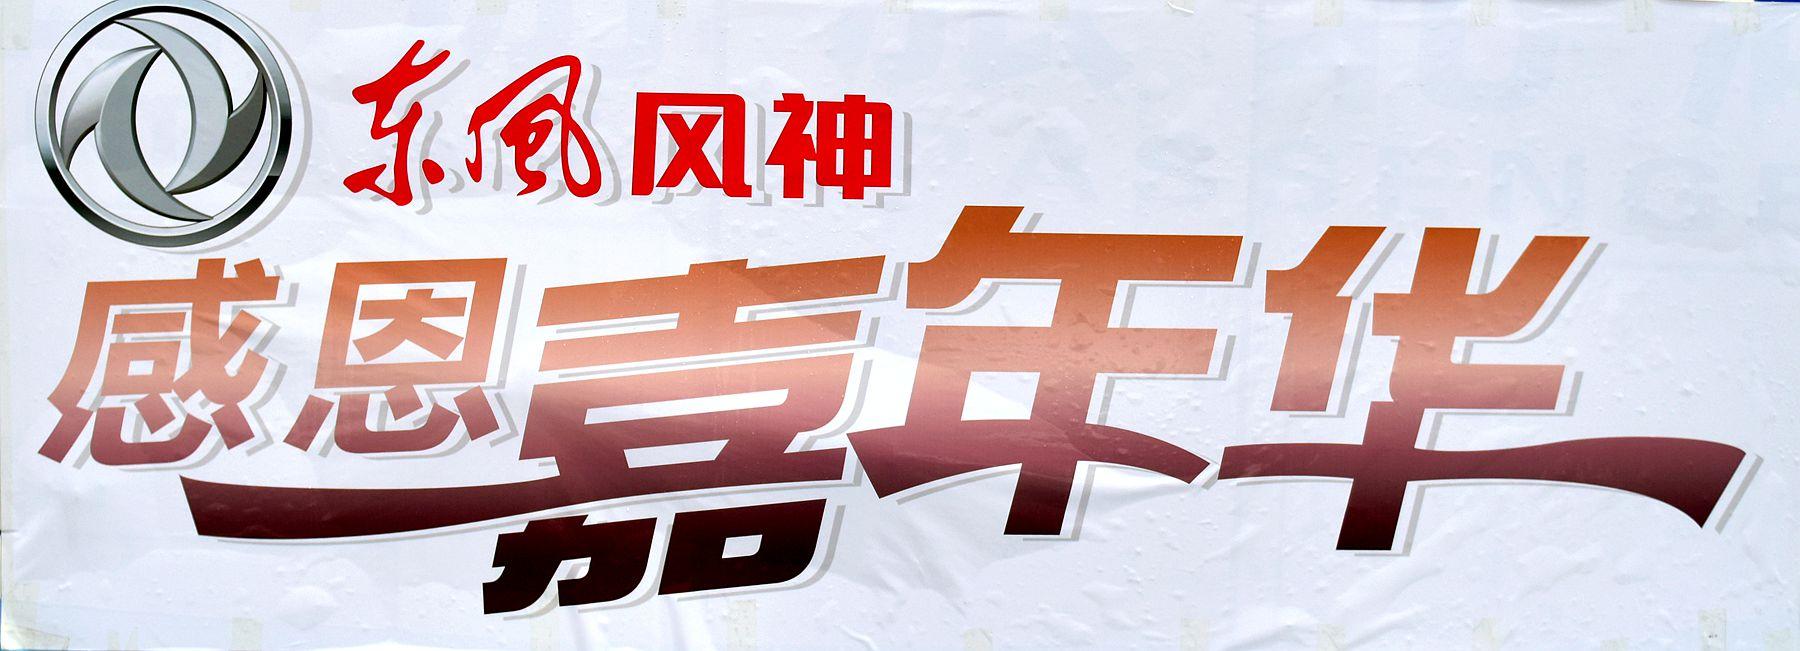 DSC_4601_副本.jpg